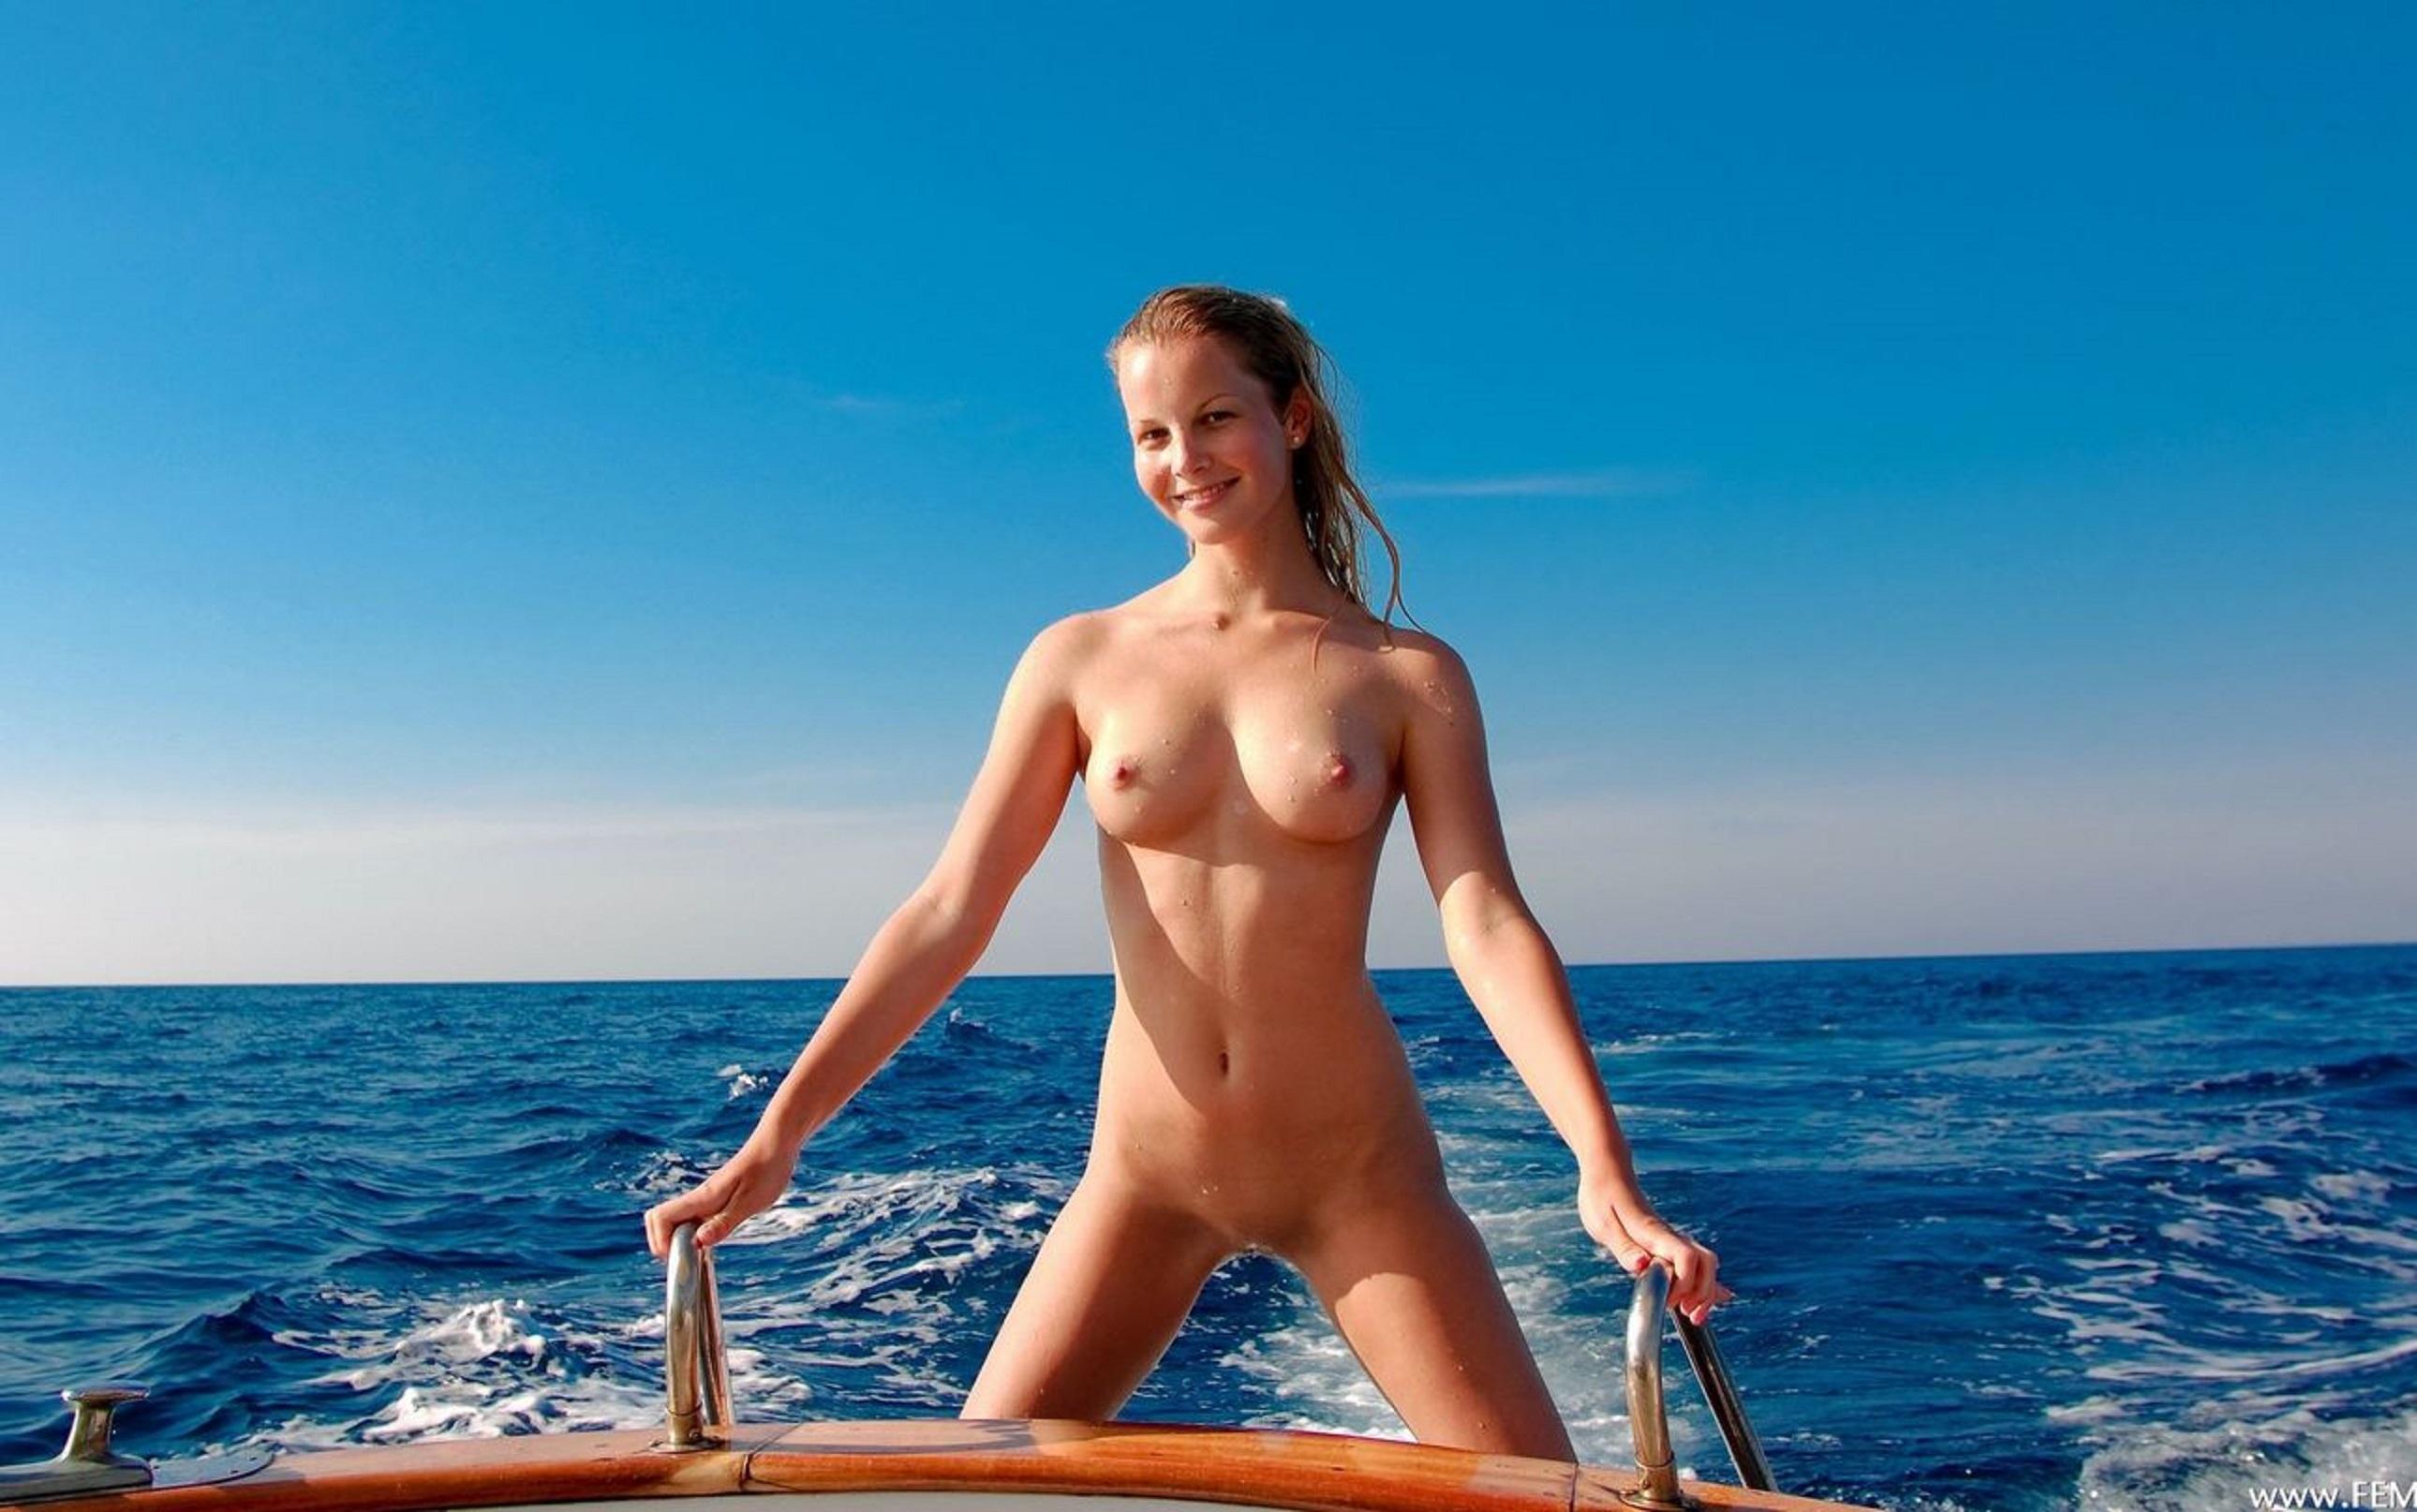 naked-boating-girl